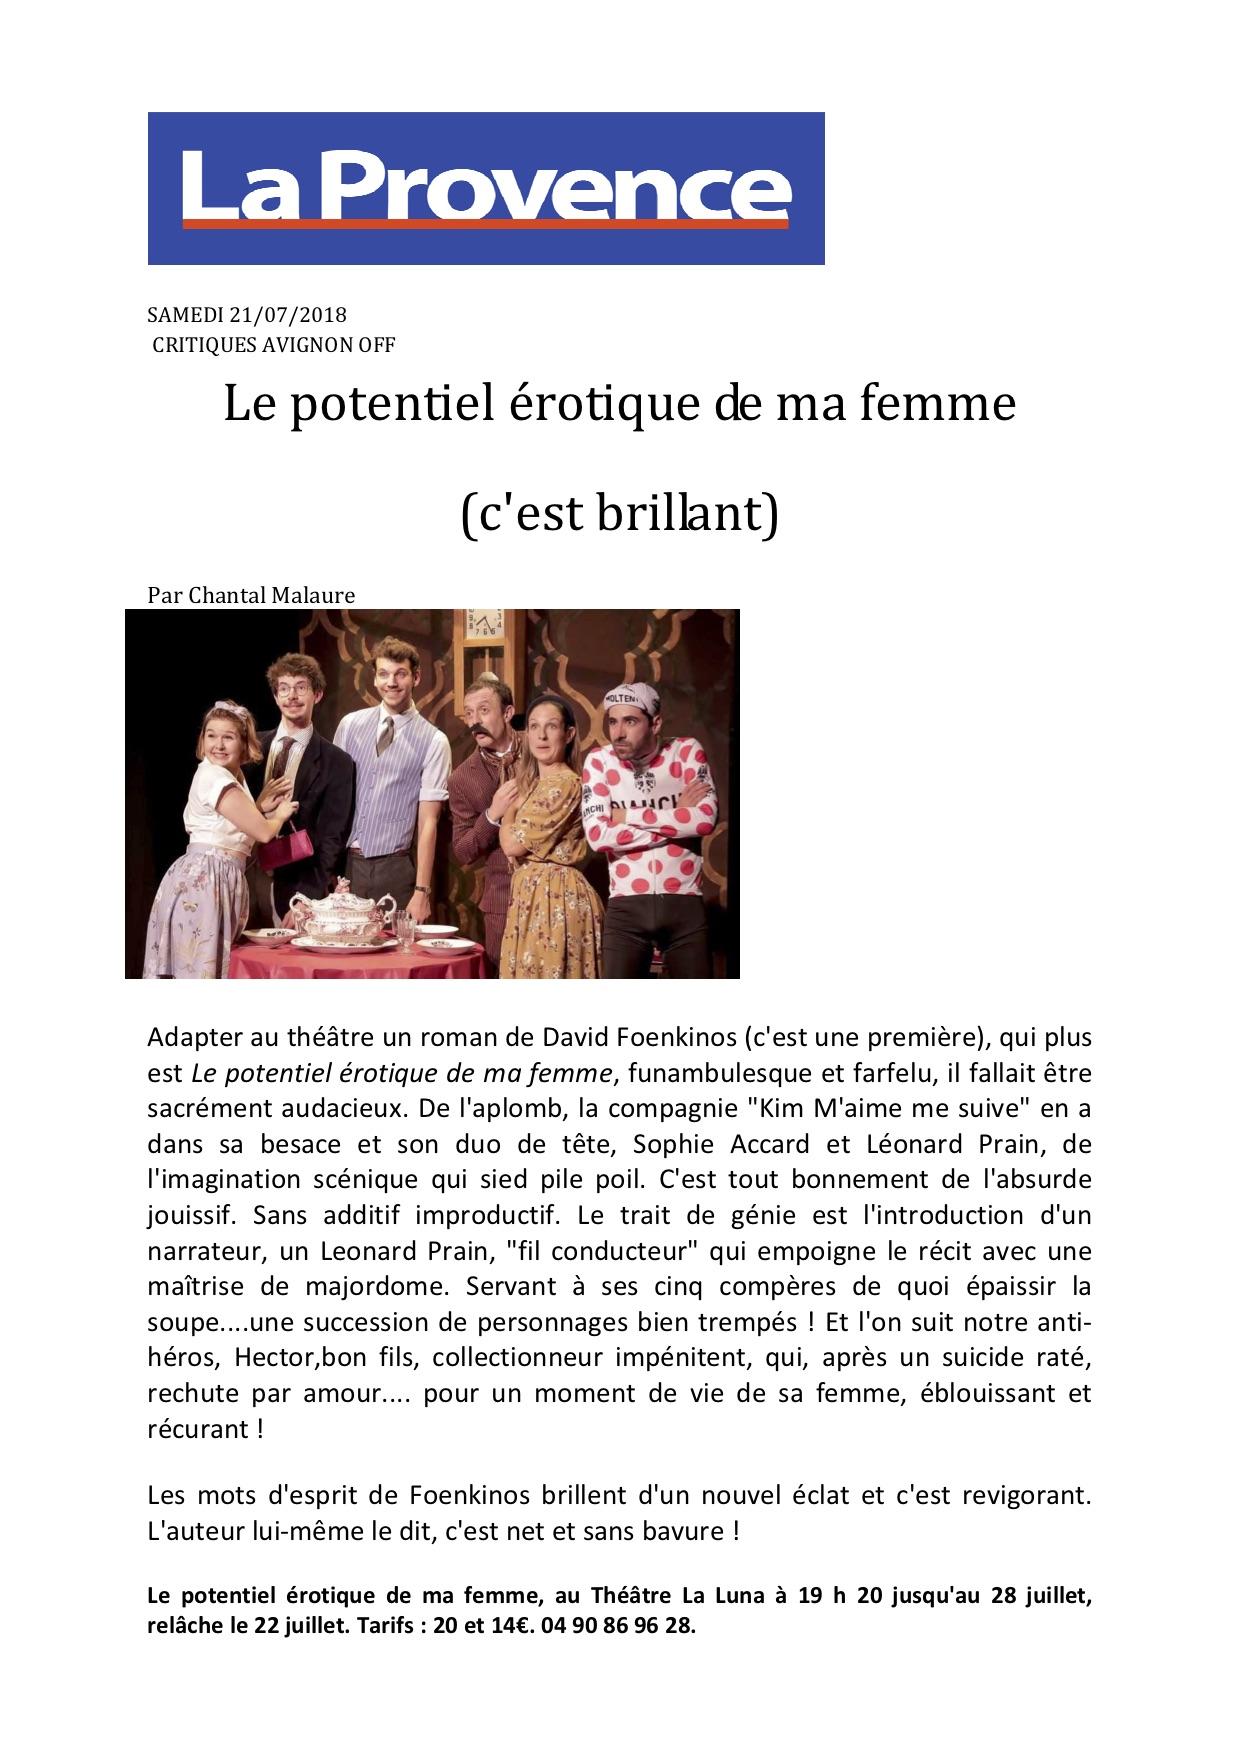 La Provence 21.07.18